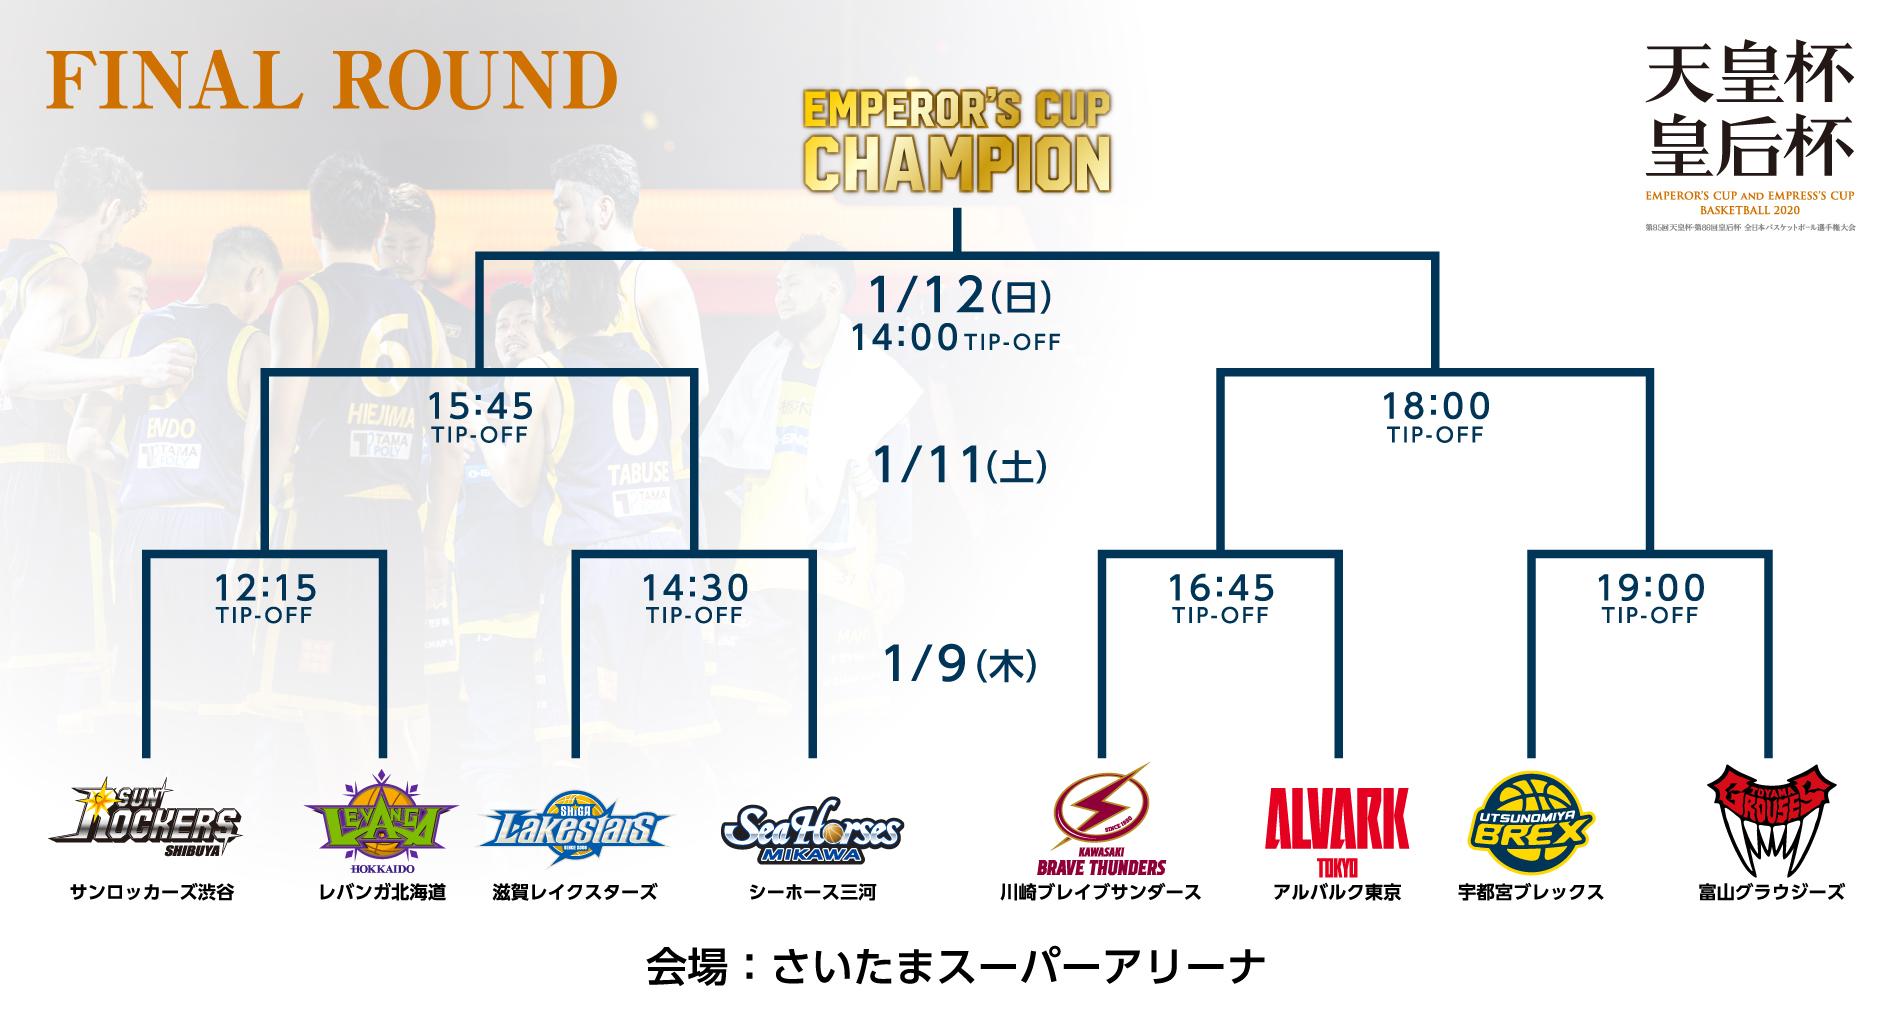 第95回天皇杯 全日本バスケットボール選手権大会 ファイナルラウンド トーナメント